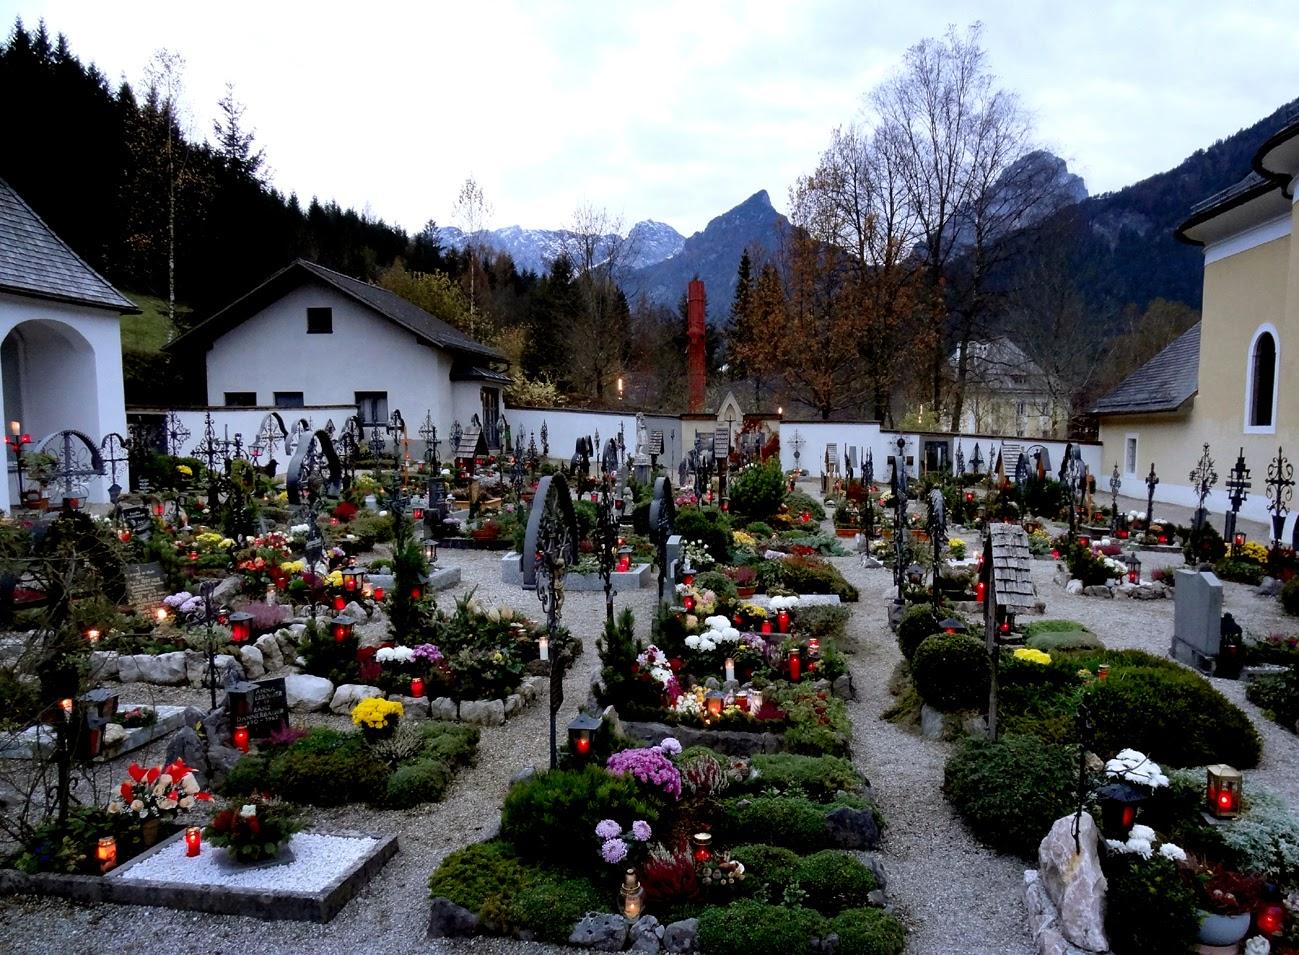 Allerheiligen In österreich